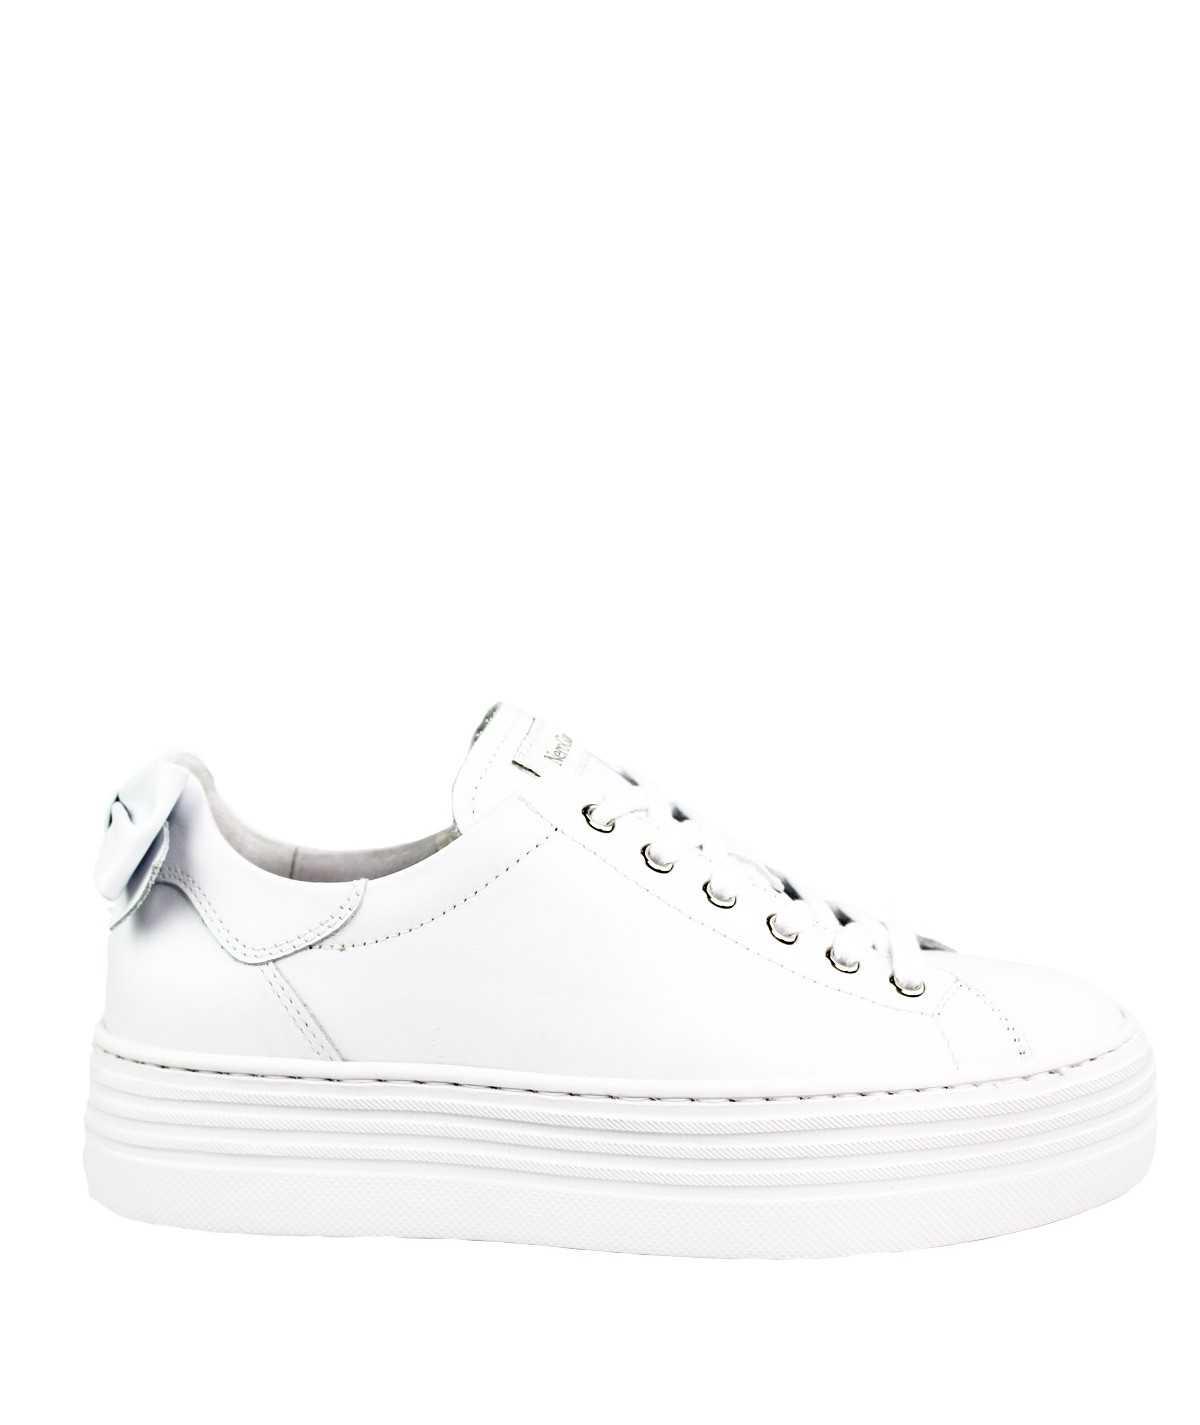 NEROGIARDINI Sneakers fiocco